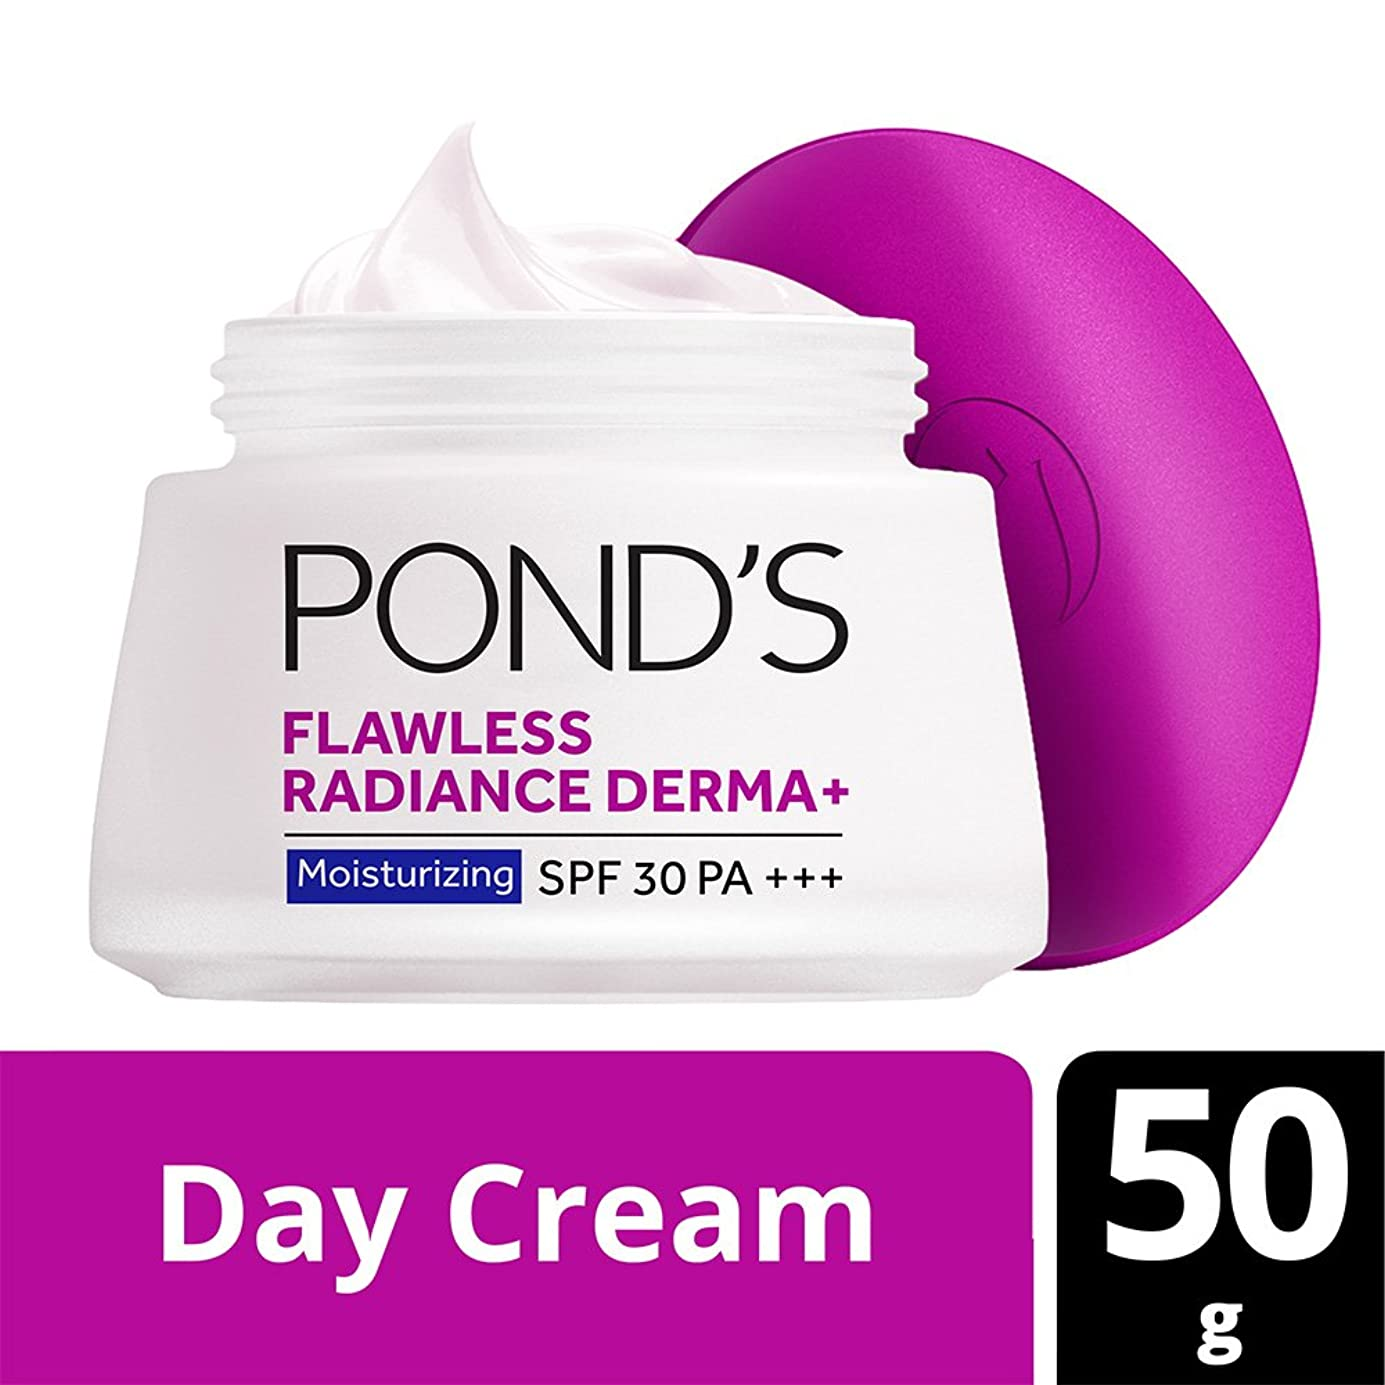 生先五月Pond's Flawless Radiance Derma+ SPF 30 PA+++ Moisturizing Day Cream, 50g from India (Parlel Import)